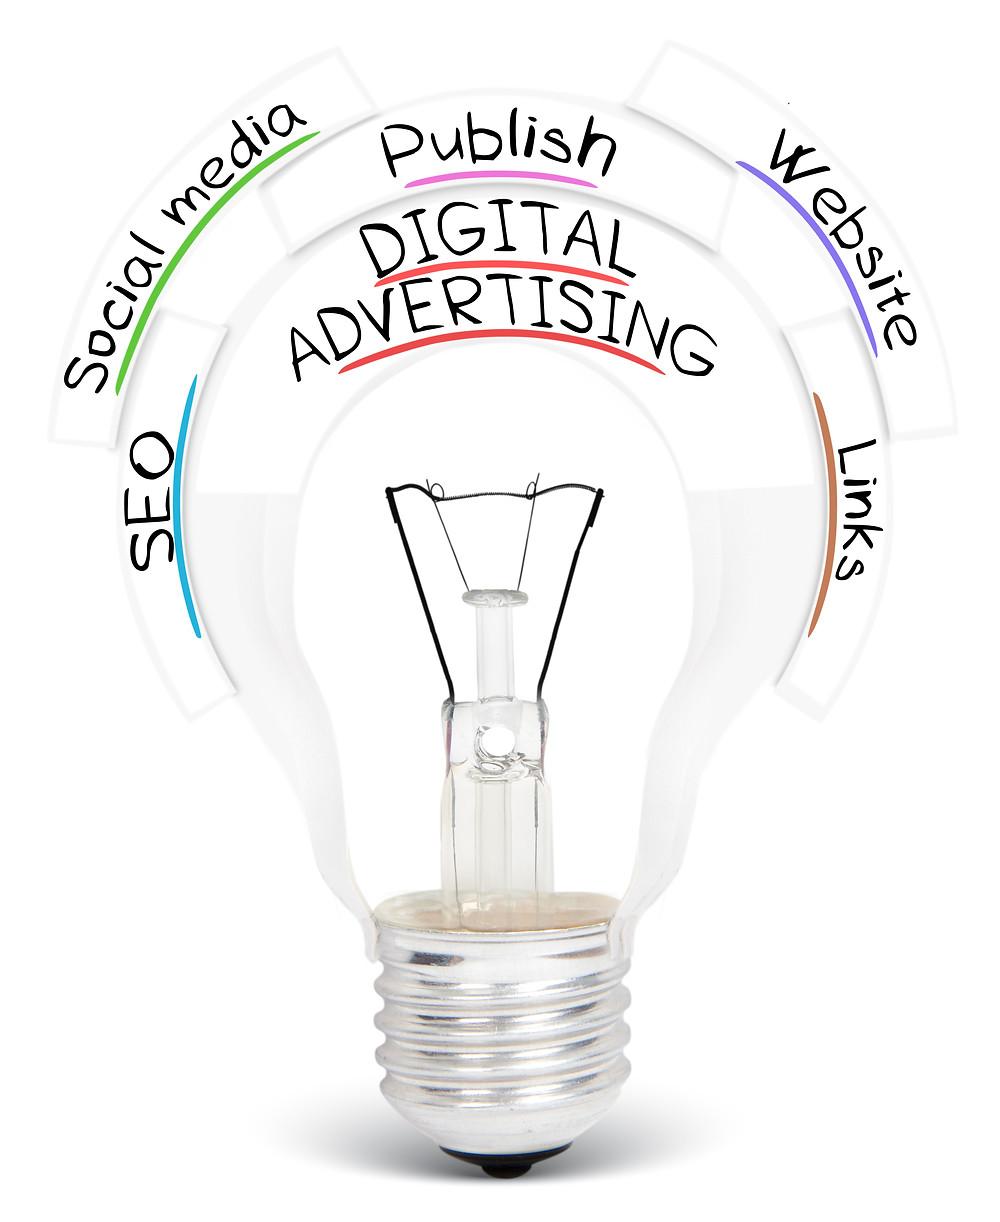 Jazz Up Media - Digital online marketing